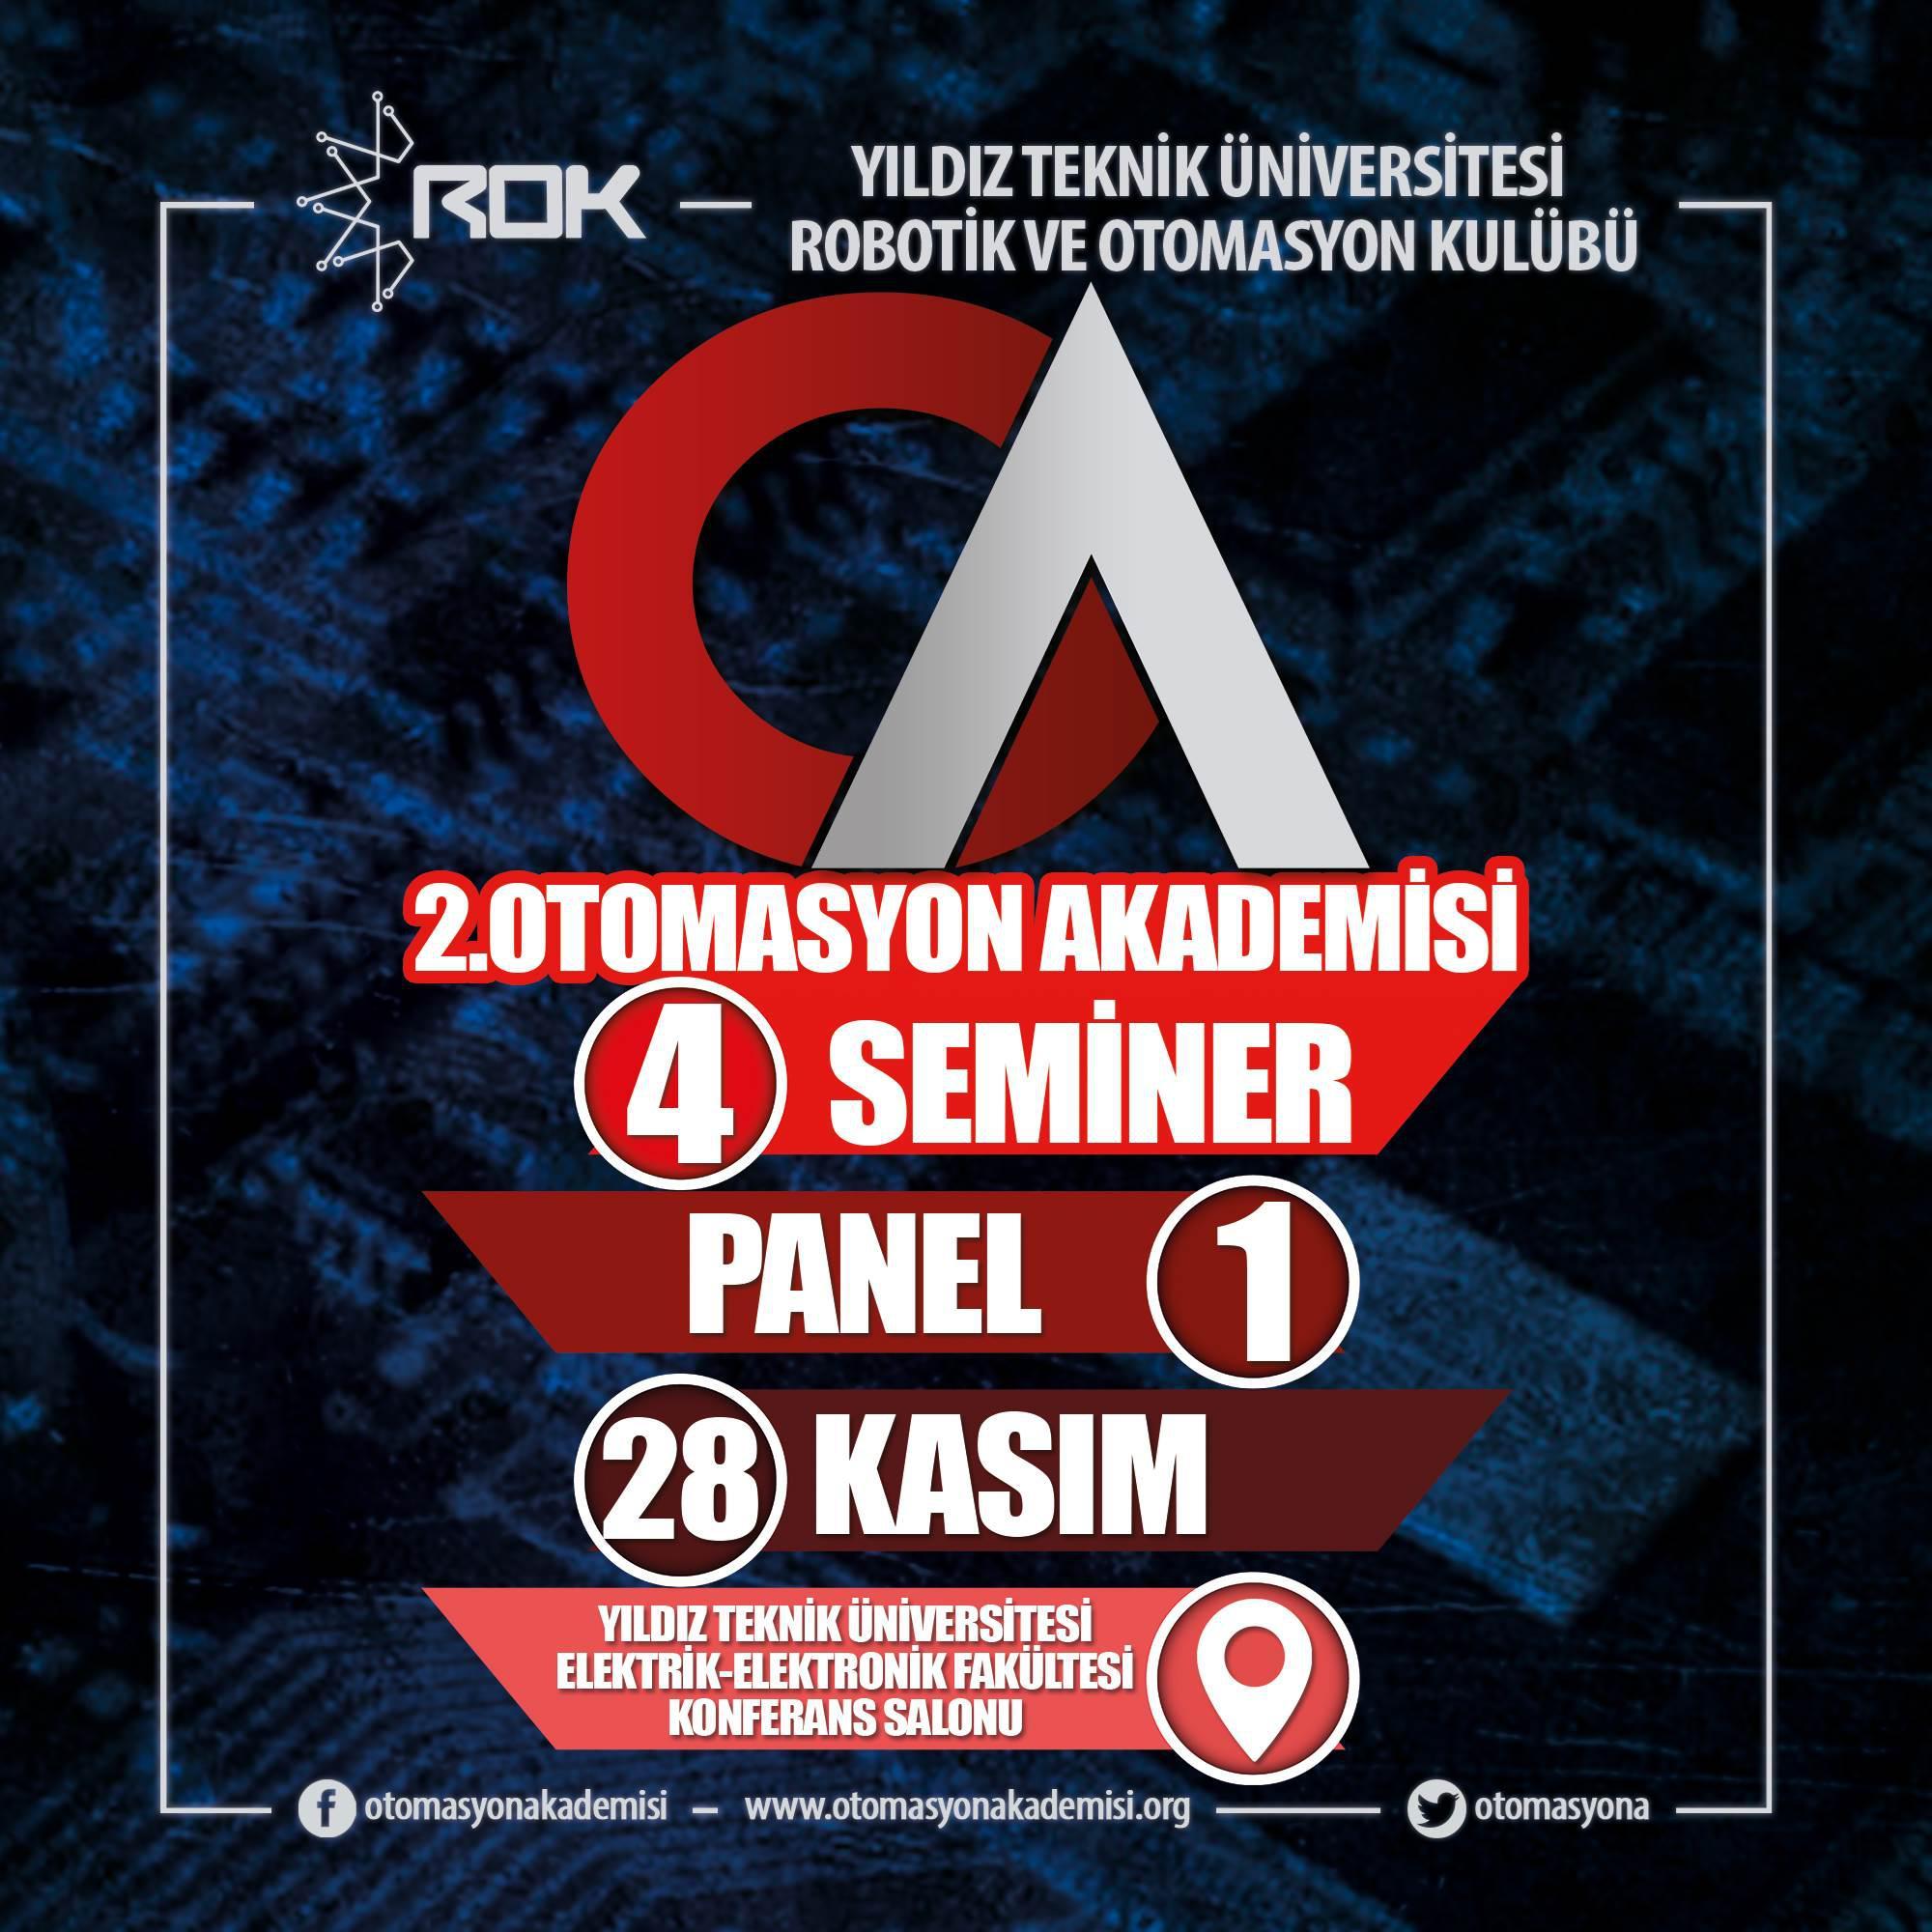 2. Otomasyon Akademisi 28 Kasım tarihinde Yıldız Teknik Üniversitesi'nde